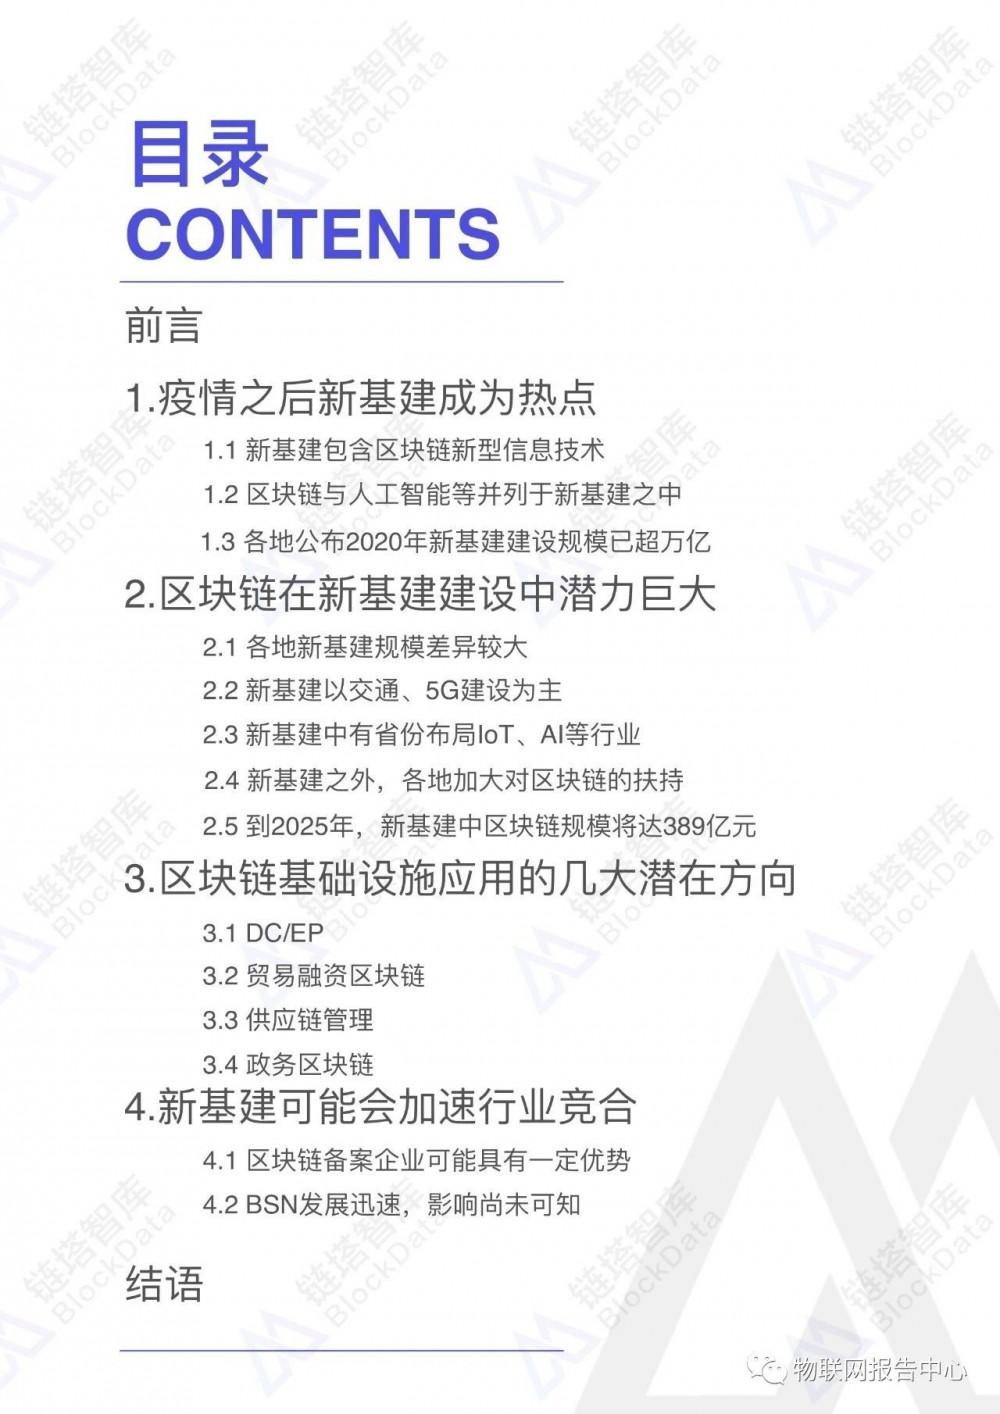 区块链应用之九:中国新基建区块链重点项目配图(2)